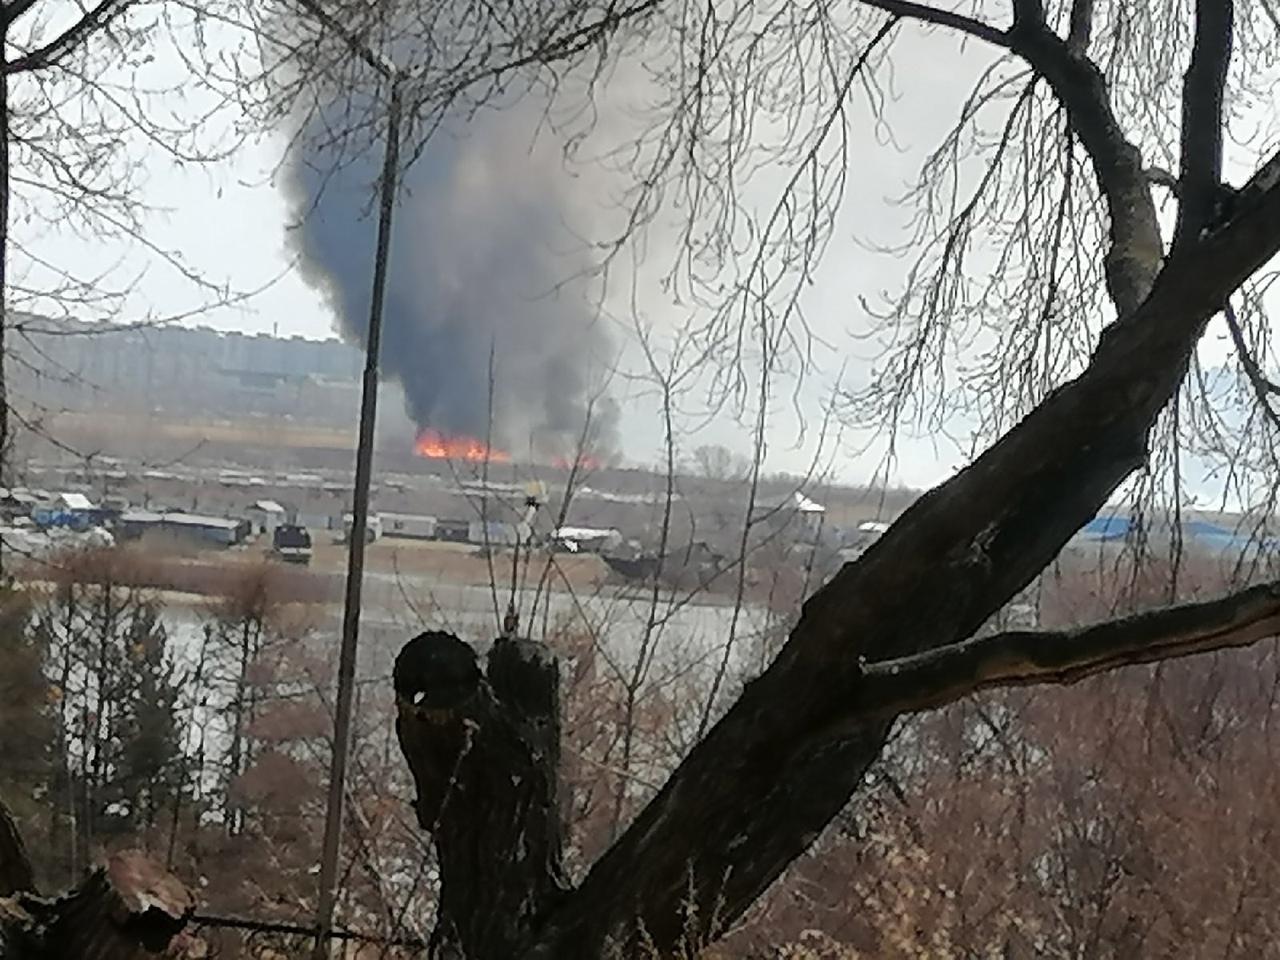 Сотни омских пожарных каждый день борются с возгоранием сухой травы #Омск #Общество #Сегодня